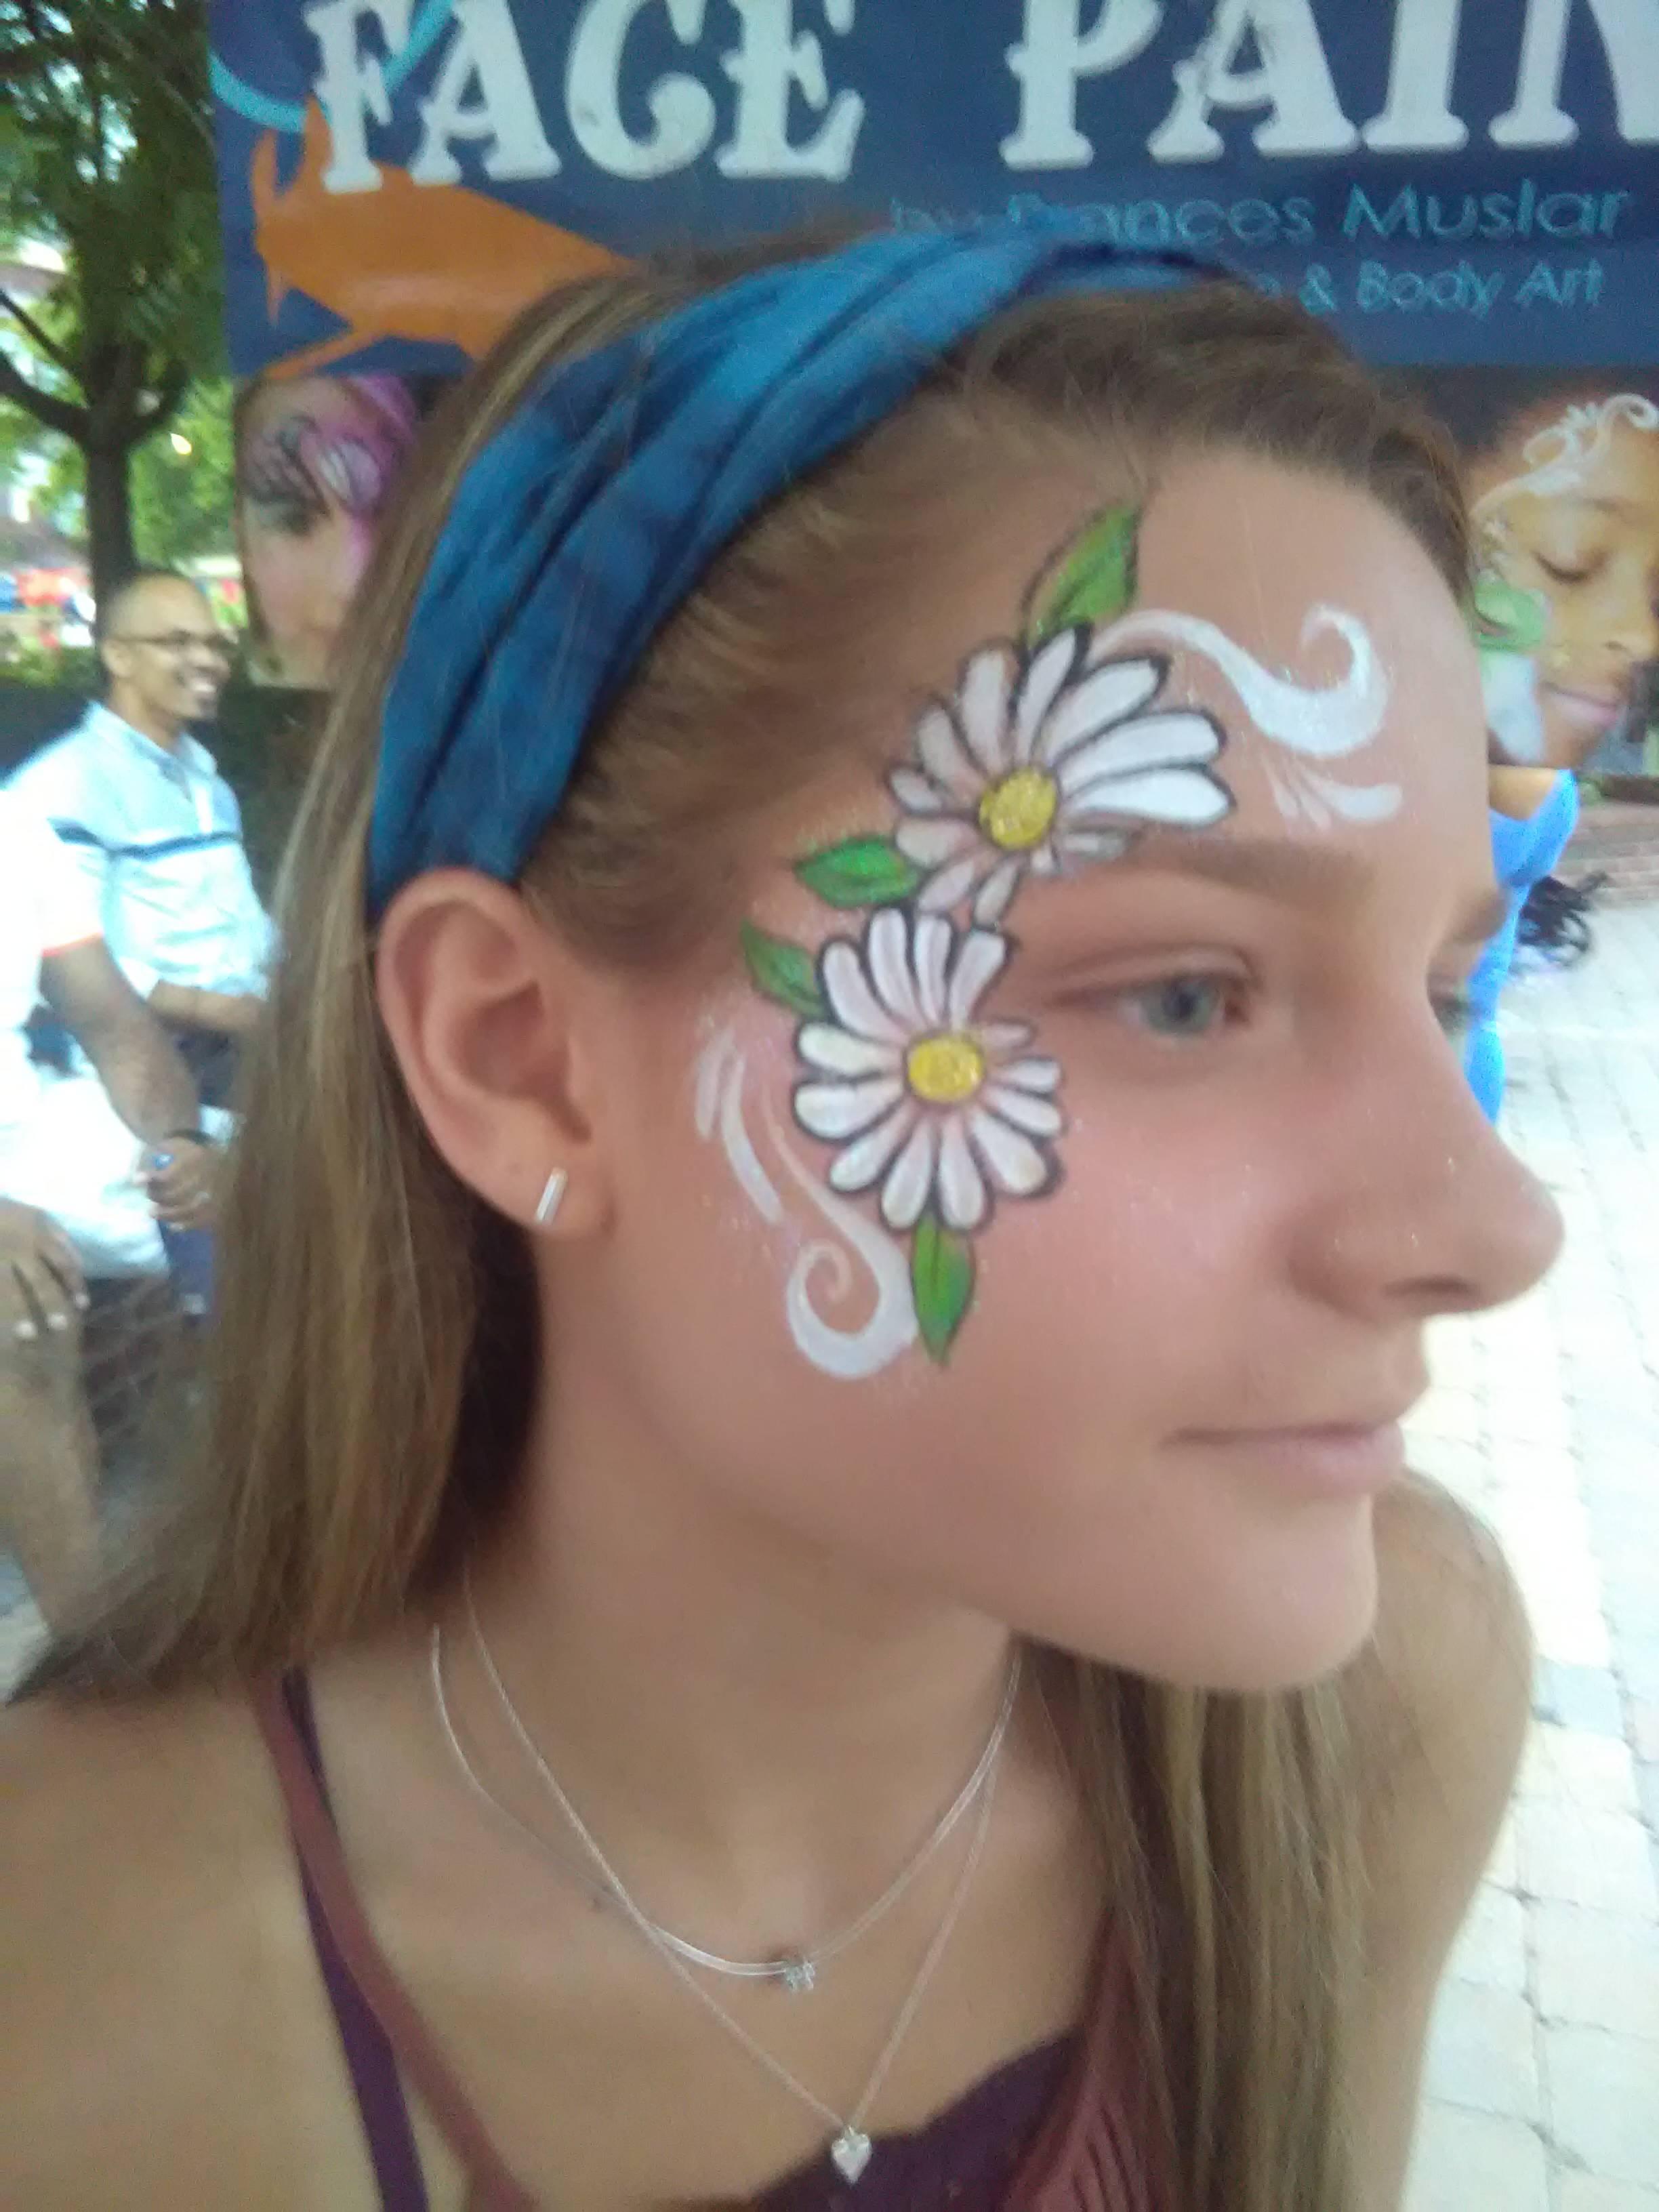 Daisy face paint